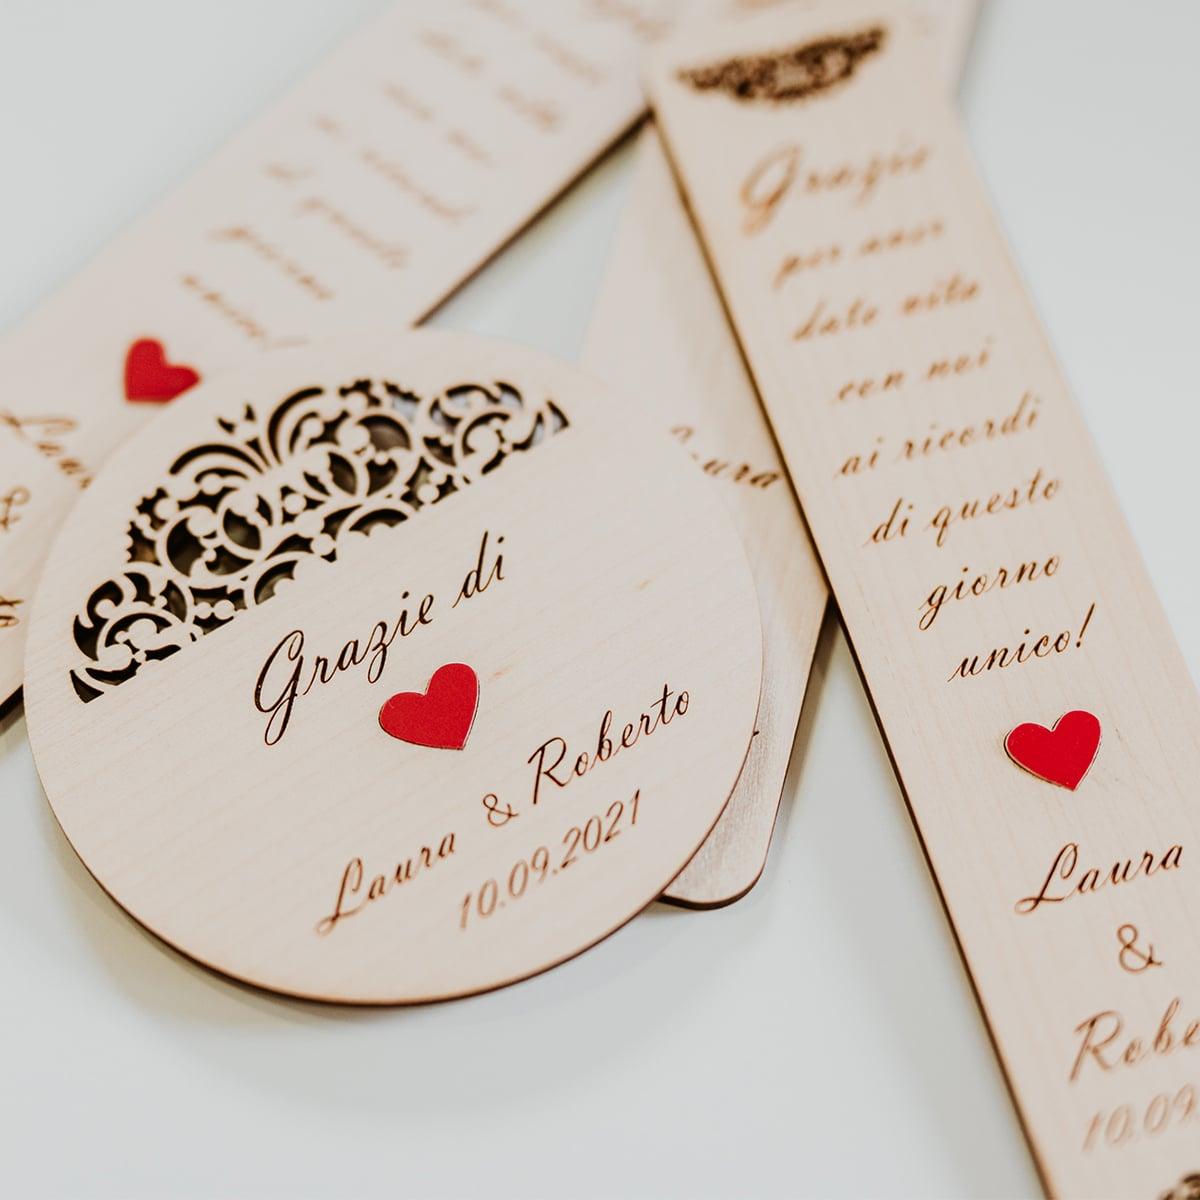 segnaposto personalizzati per matrimonio